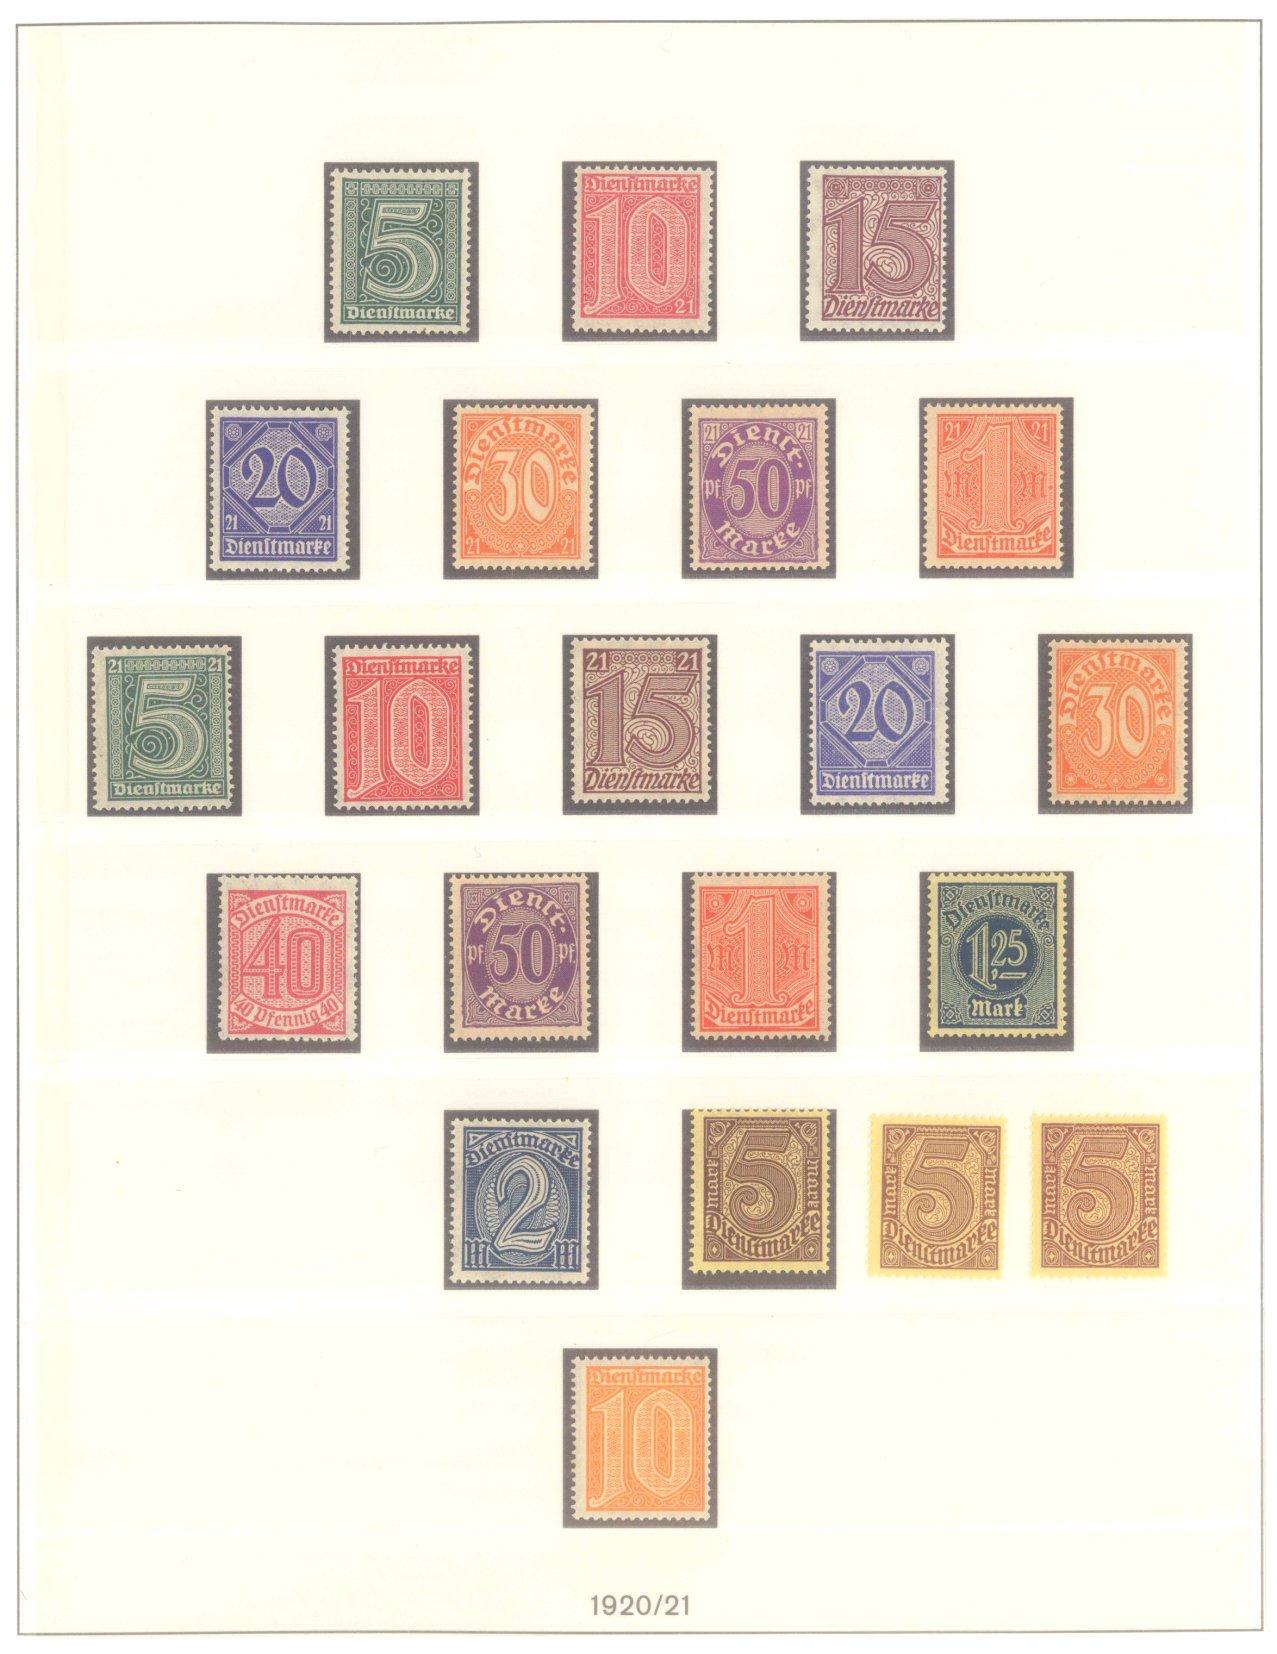 DEUTSCHES REICH INFLATIONSZEIT 1920-1923, Dienstmarken